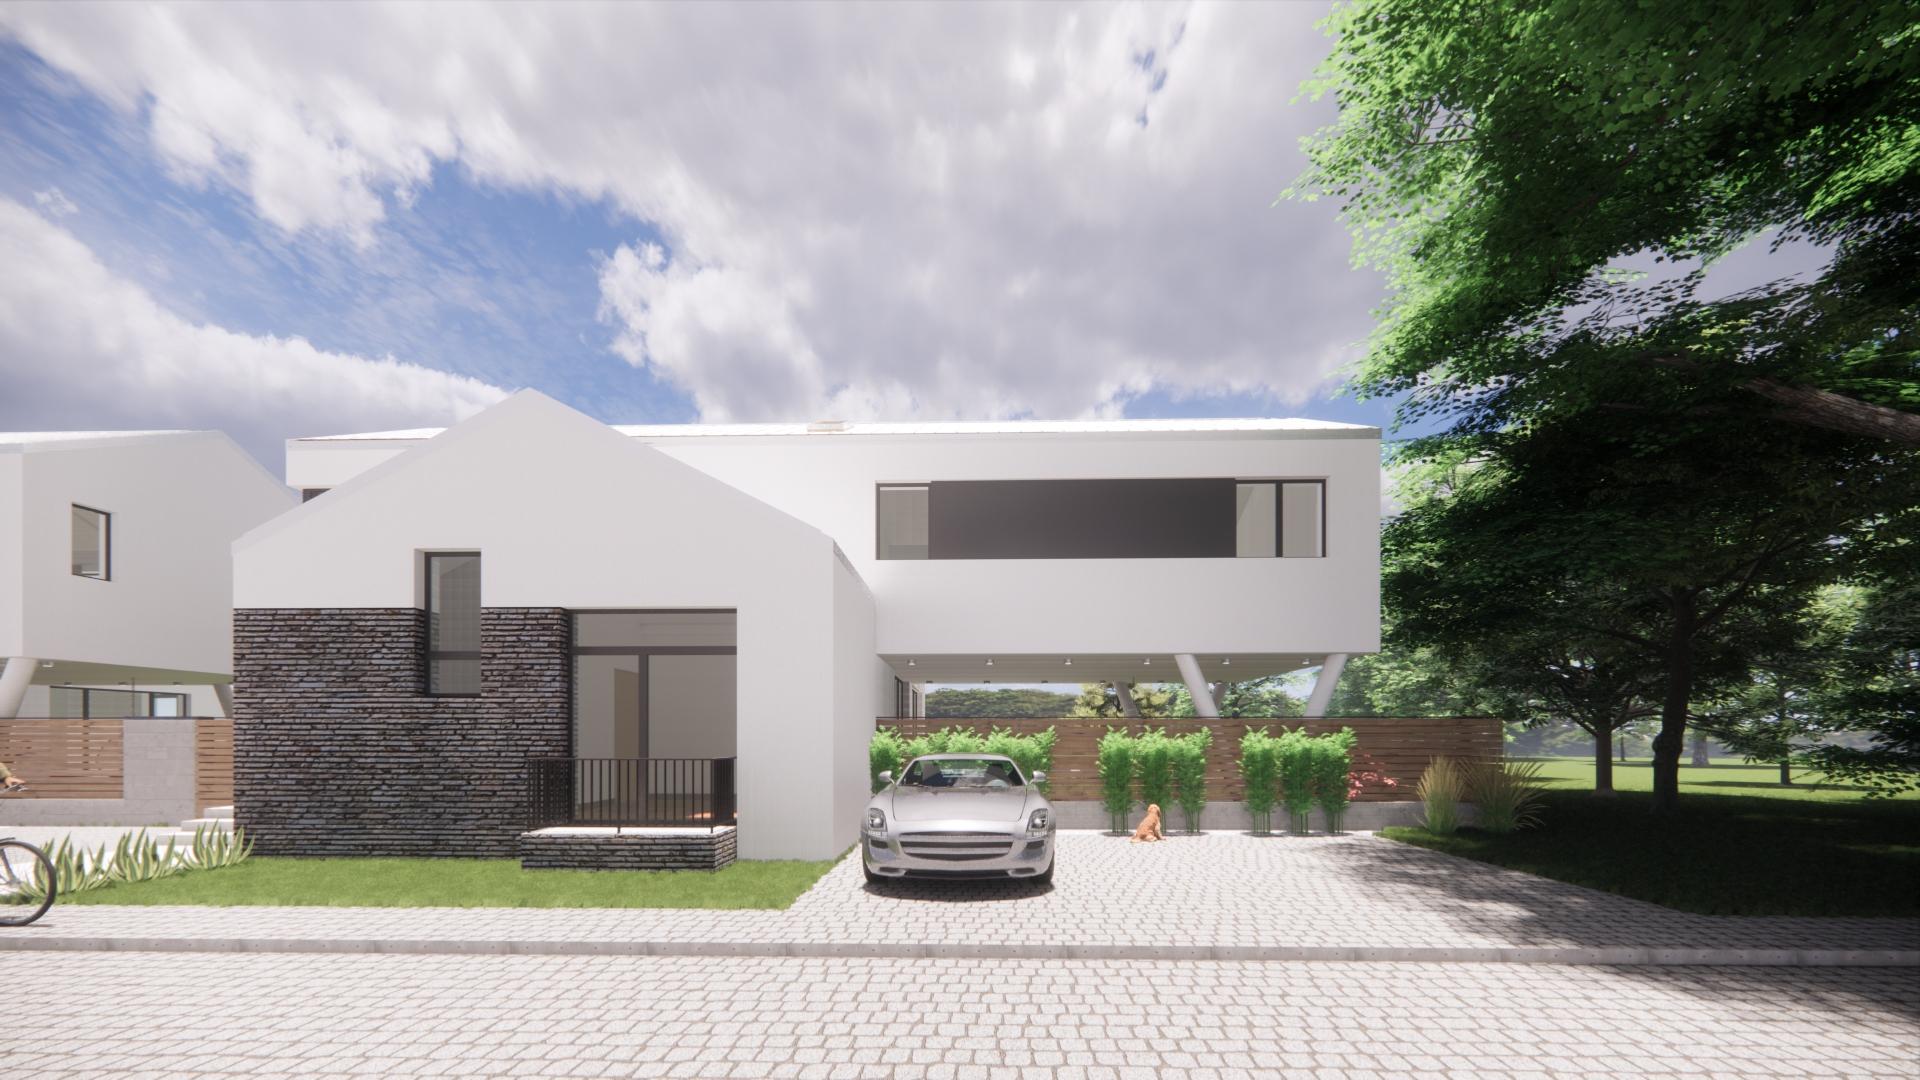 https://nbc-arhitect.ro/wp-content/uploads/2021/02/Balta-Alba-Corbeanca-7.jpg